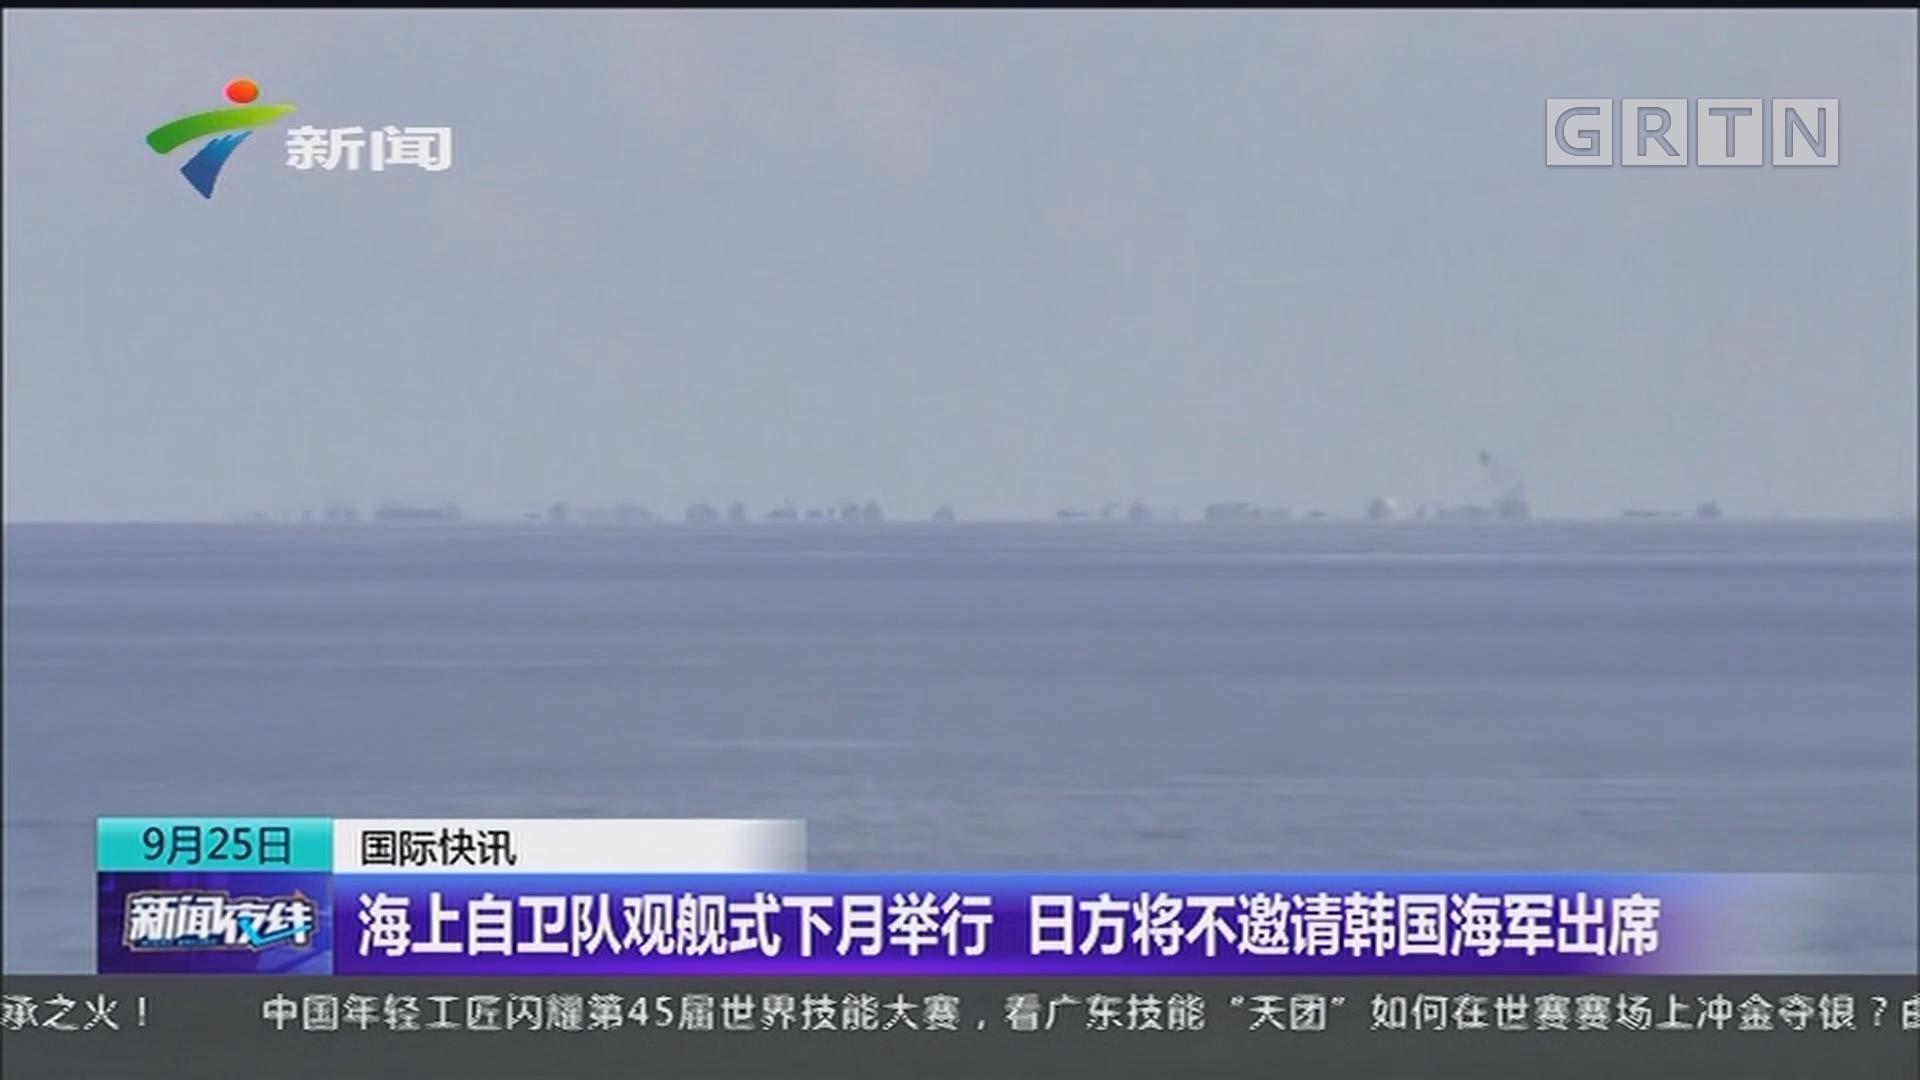 海上自卫队观舰式下月举行 日方将不邀请韩国海军出席